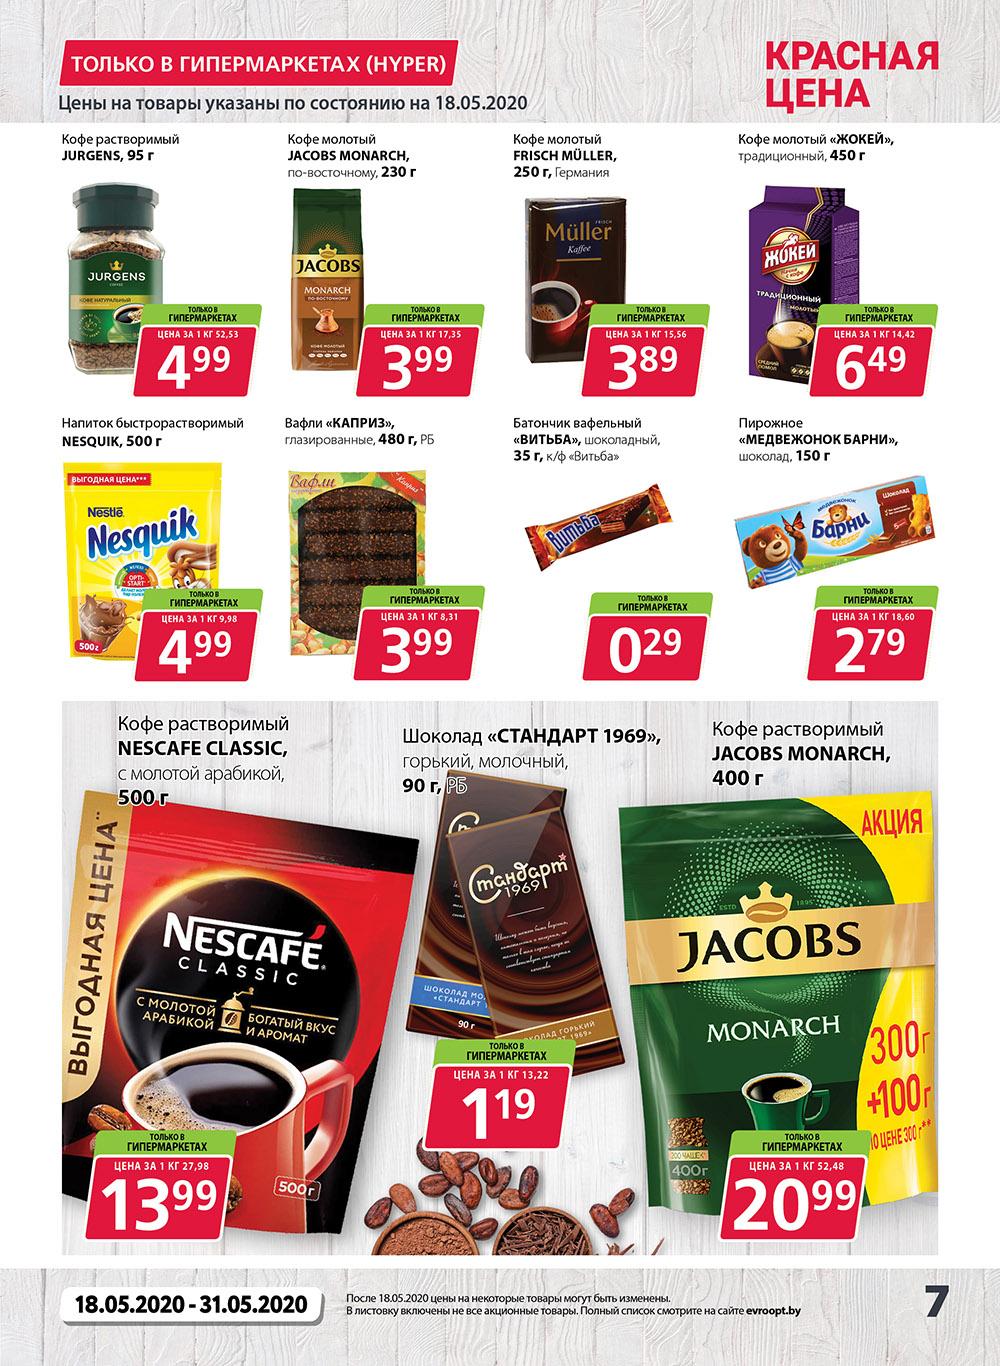 Купить акционные продукты на акции к Пасхе